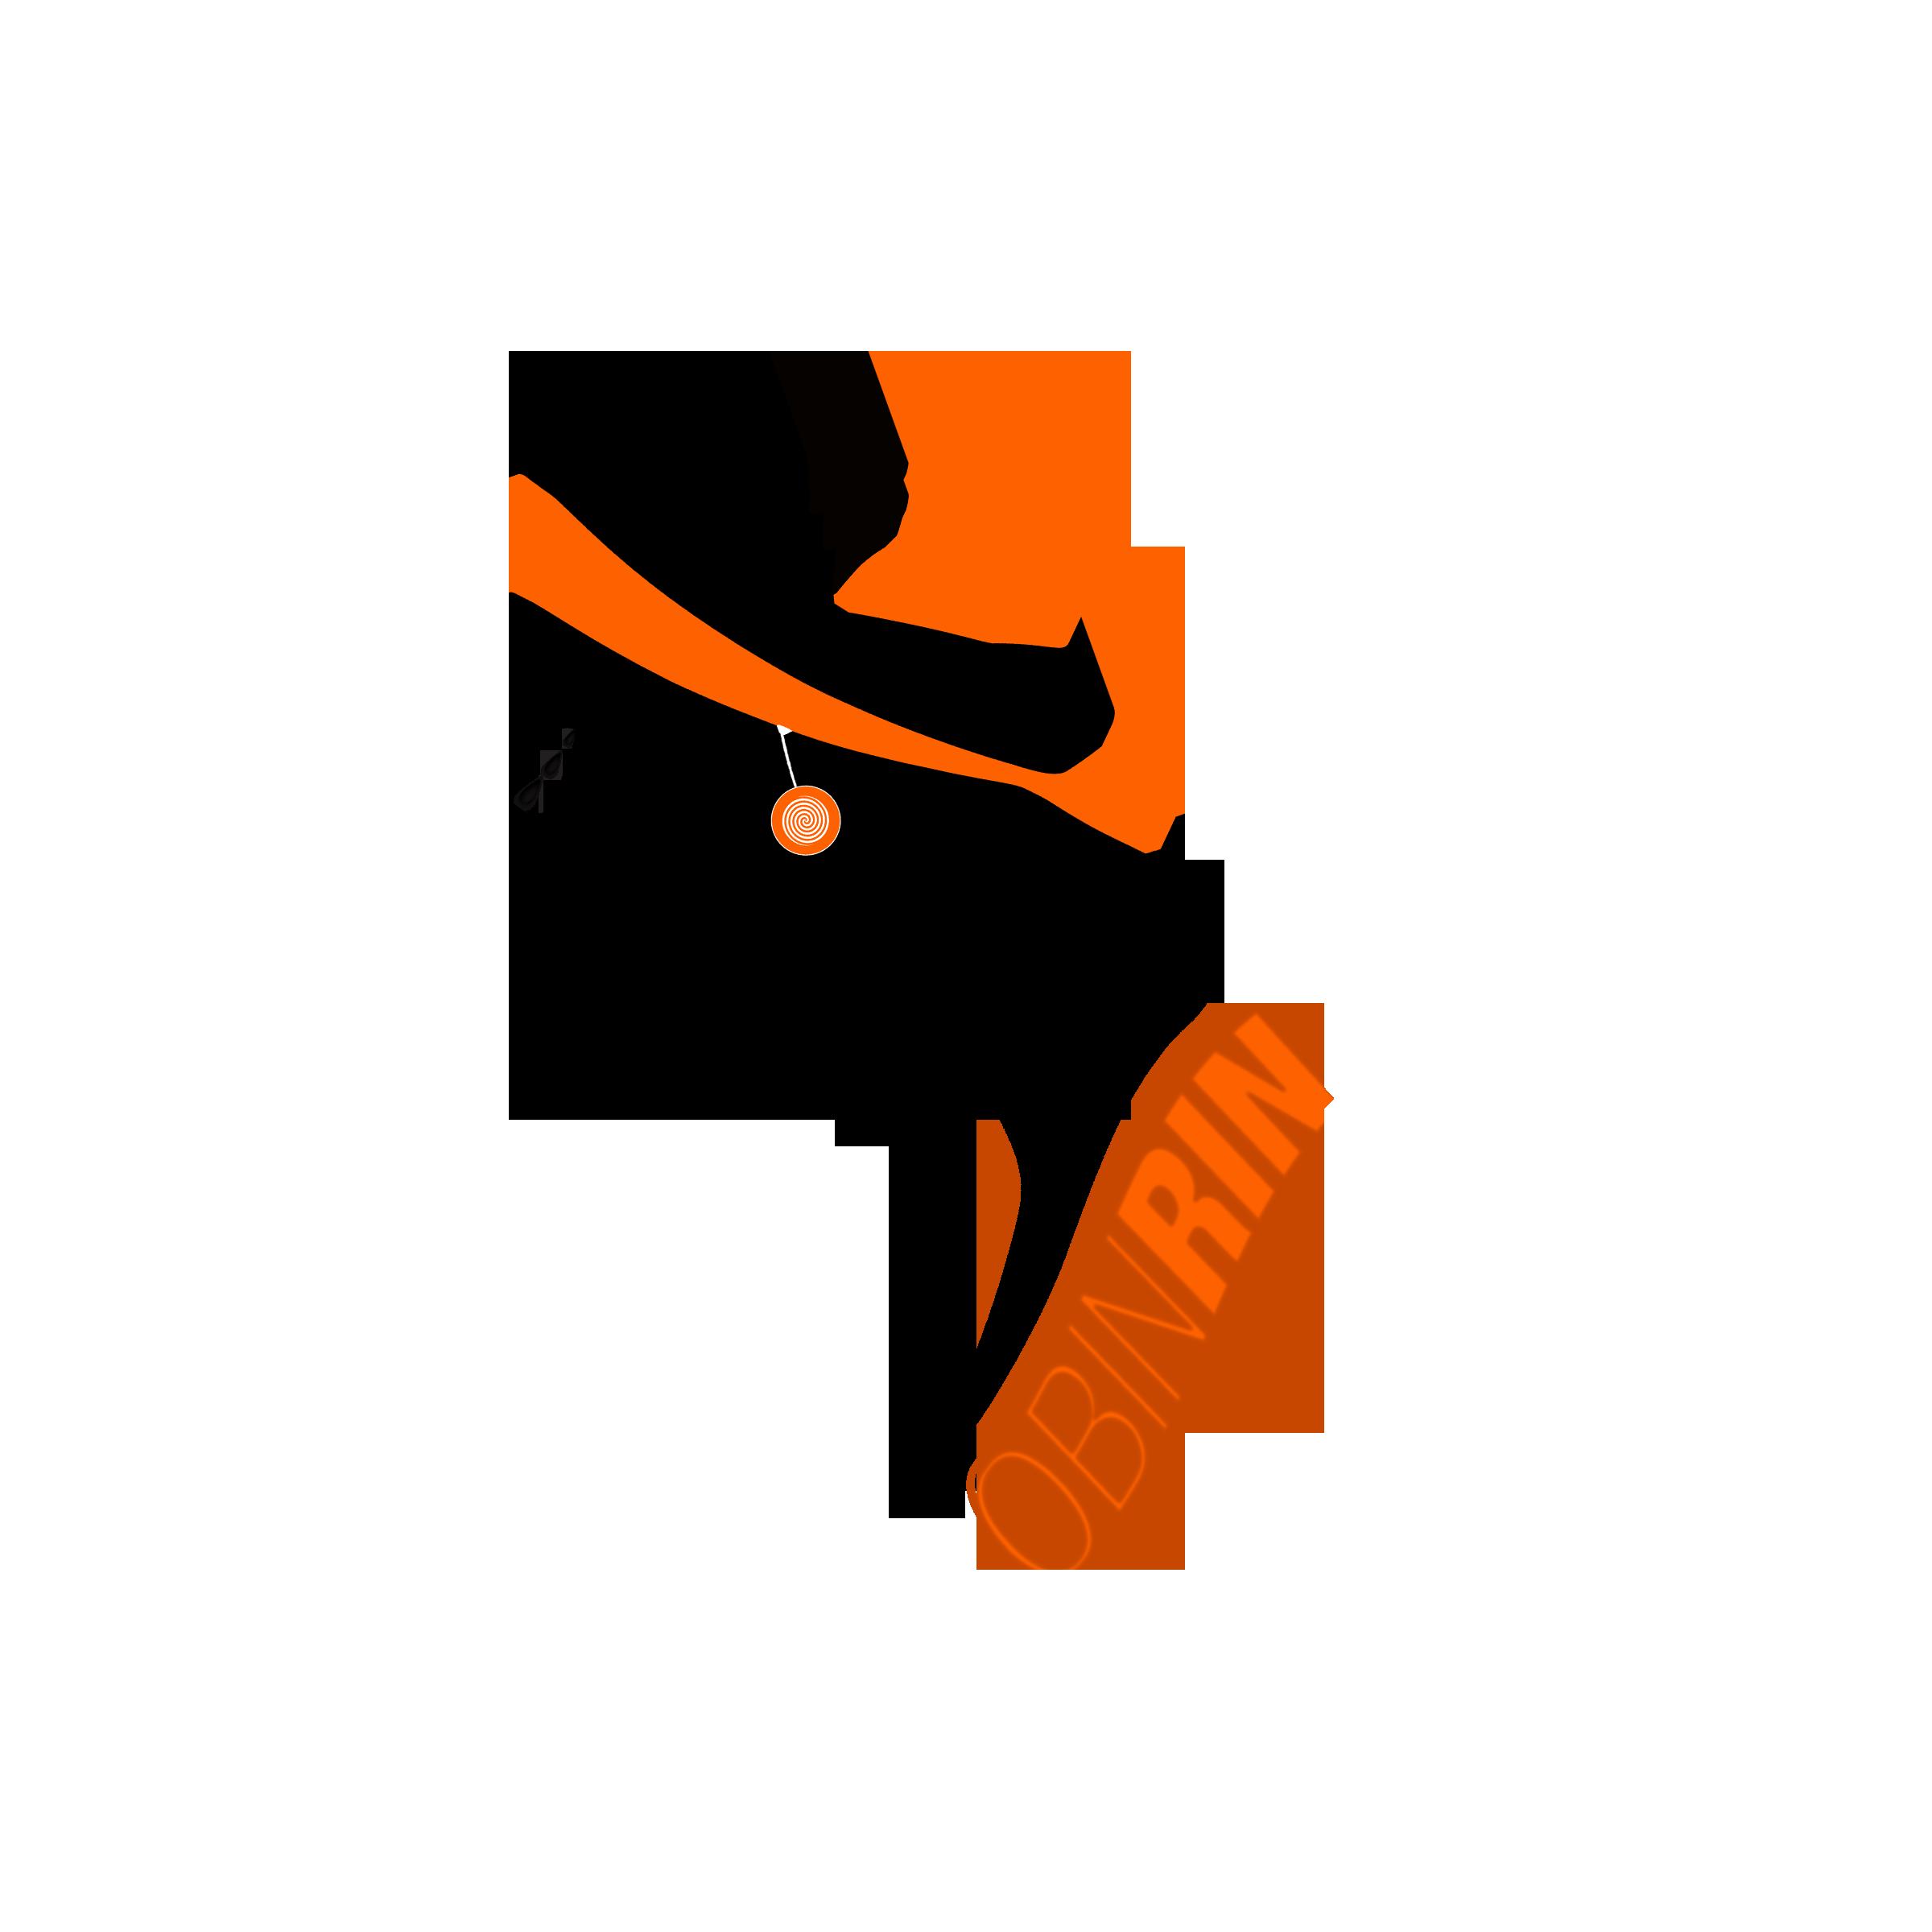 obin-rin.com, de quoi s'agit-il?